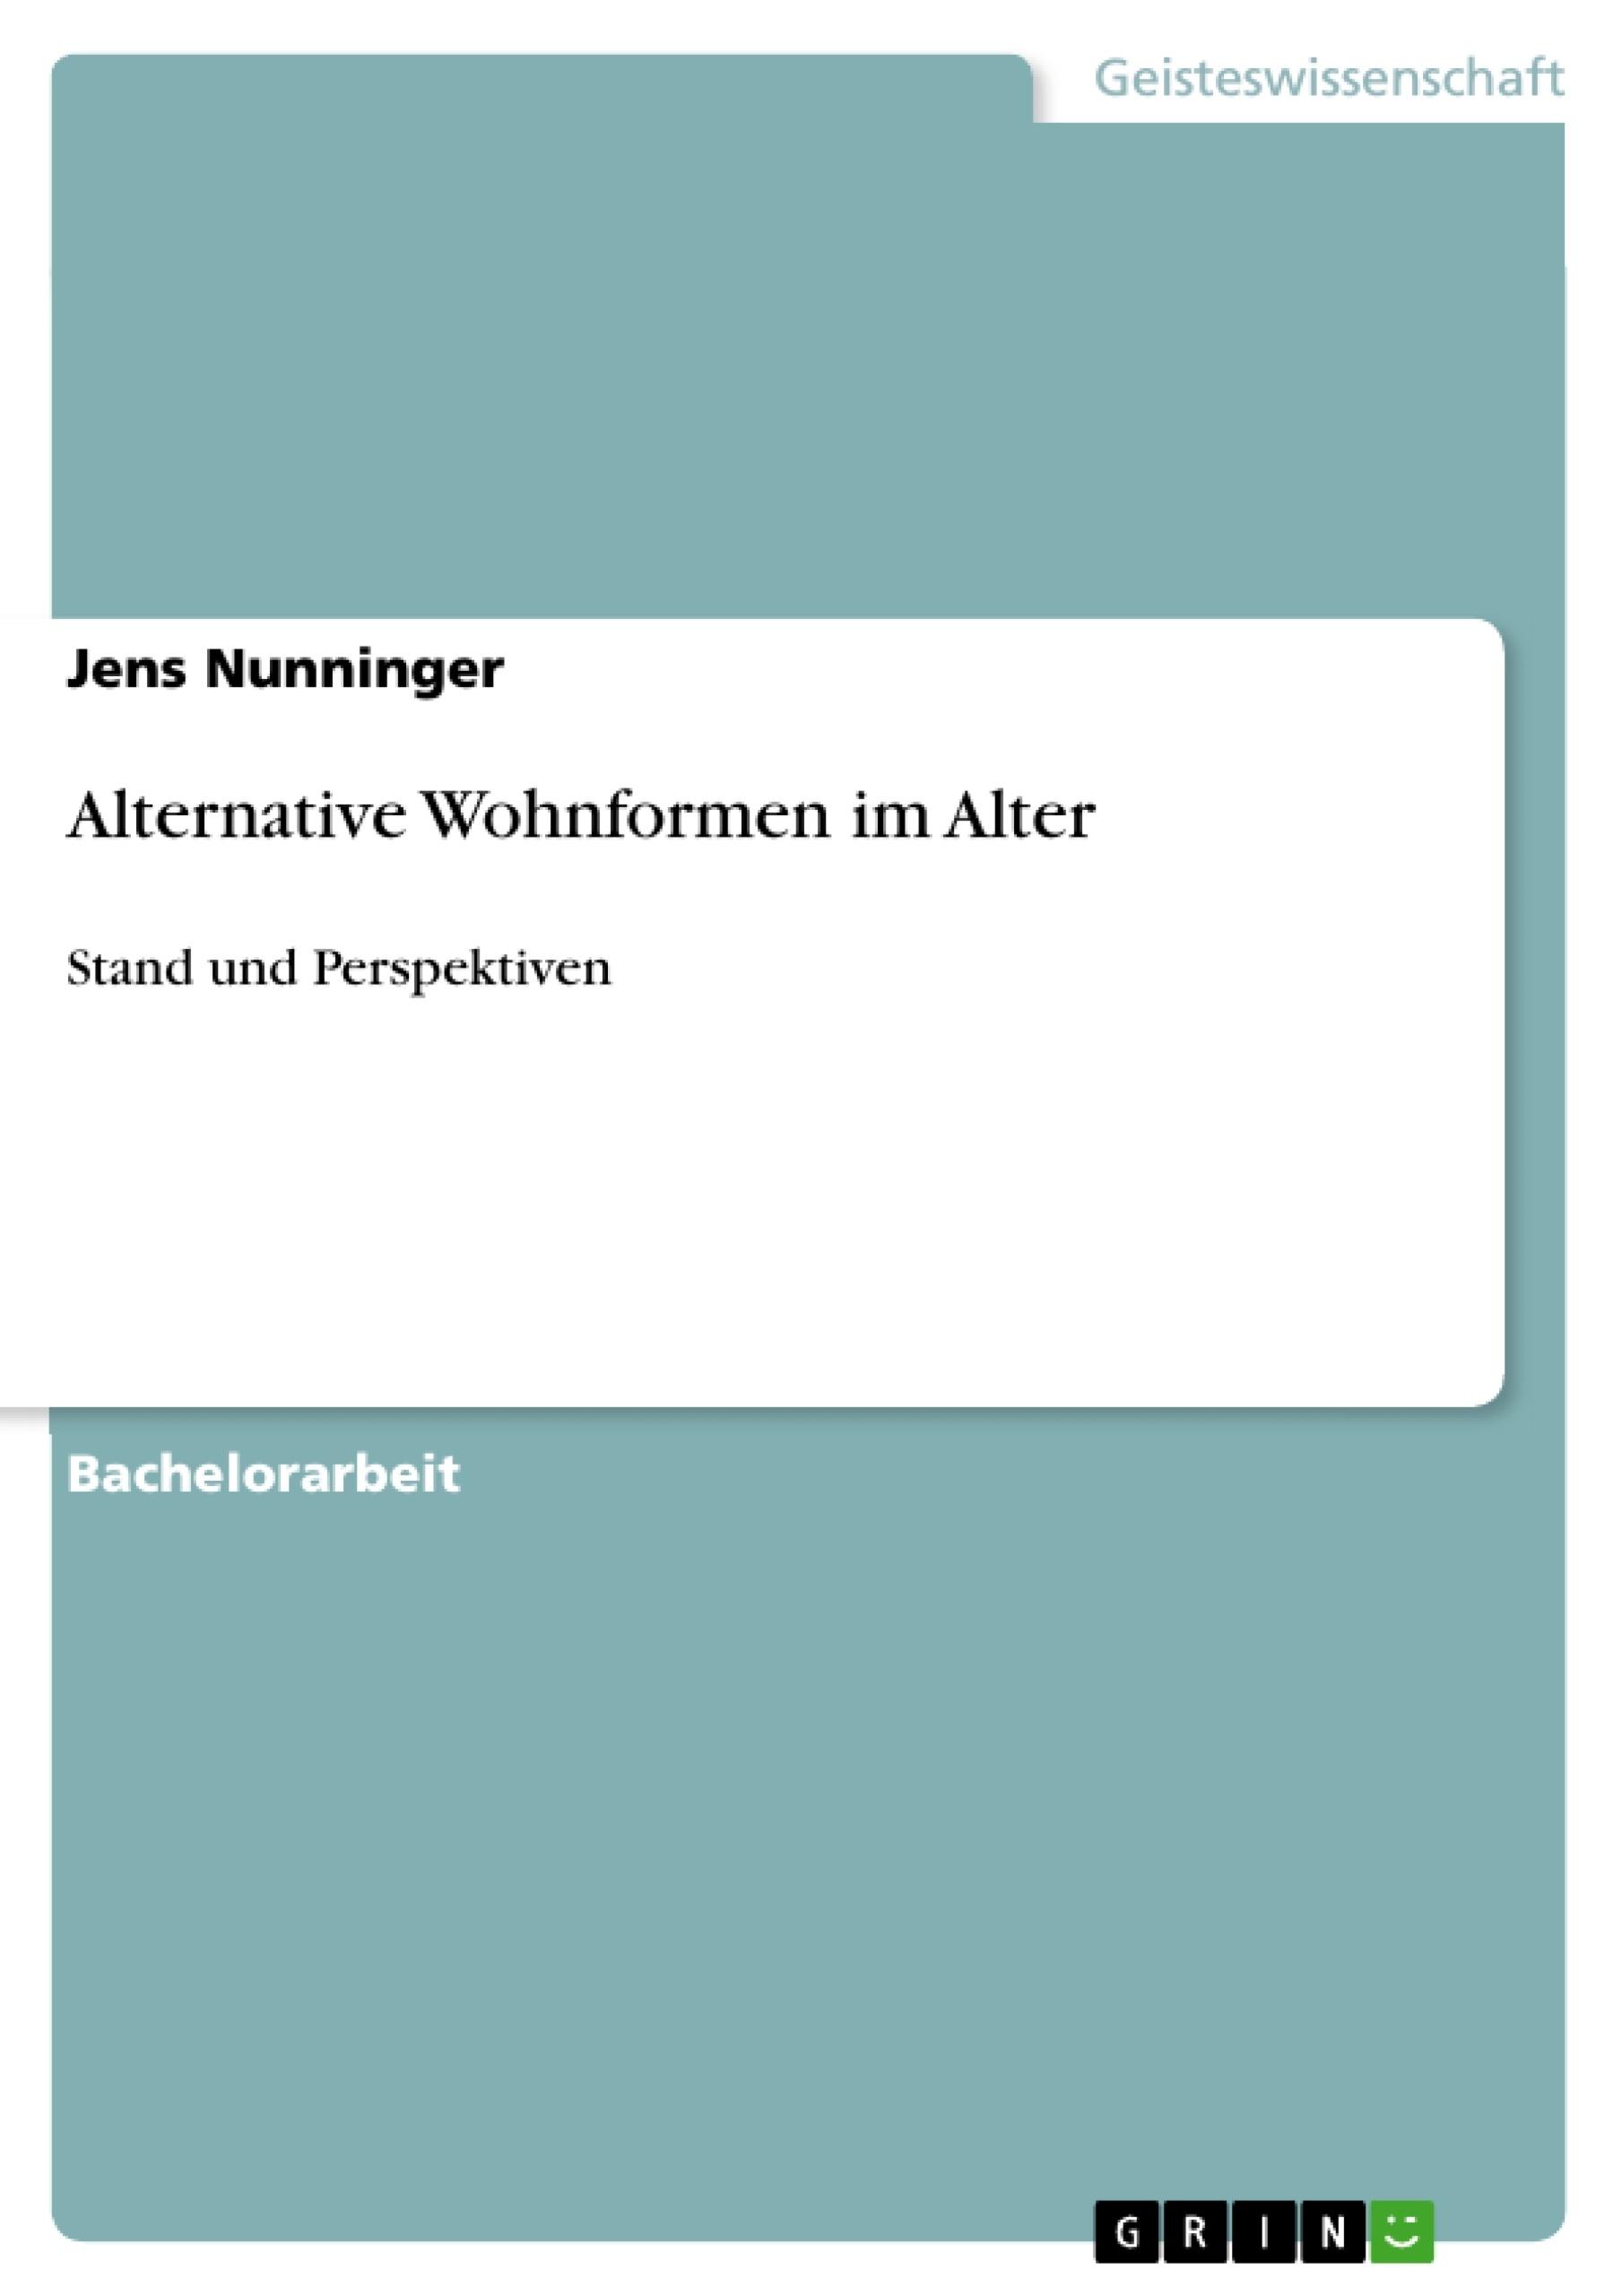 Titel: Alternative Wohnformen im Alter